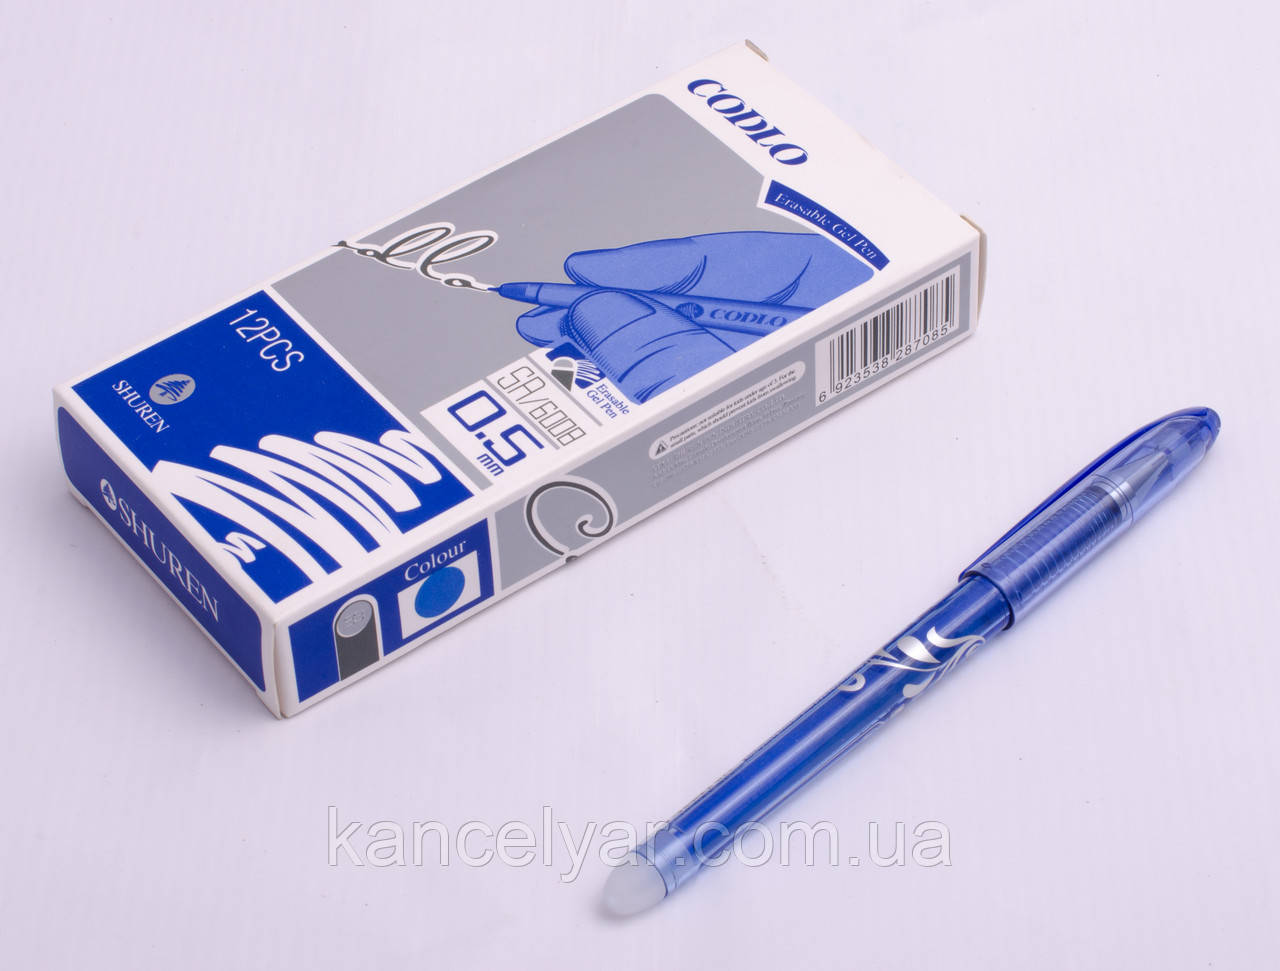 """Ручка шариковая """"пишет-вытирает"""", 0.5 мм, в ассортименте"""